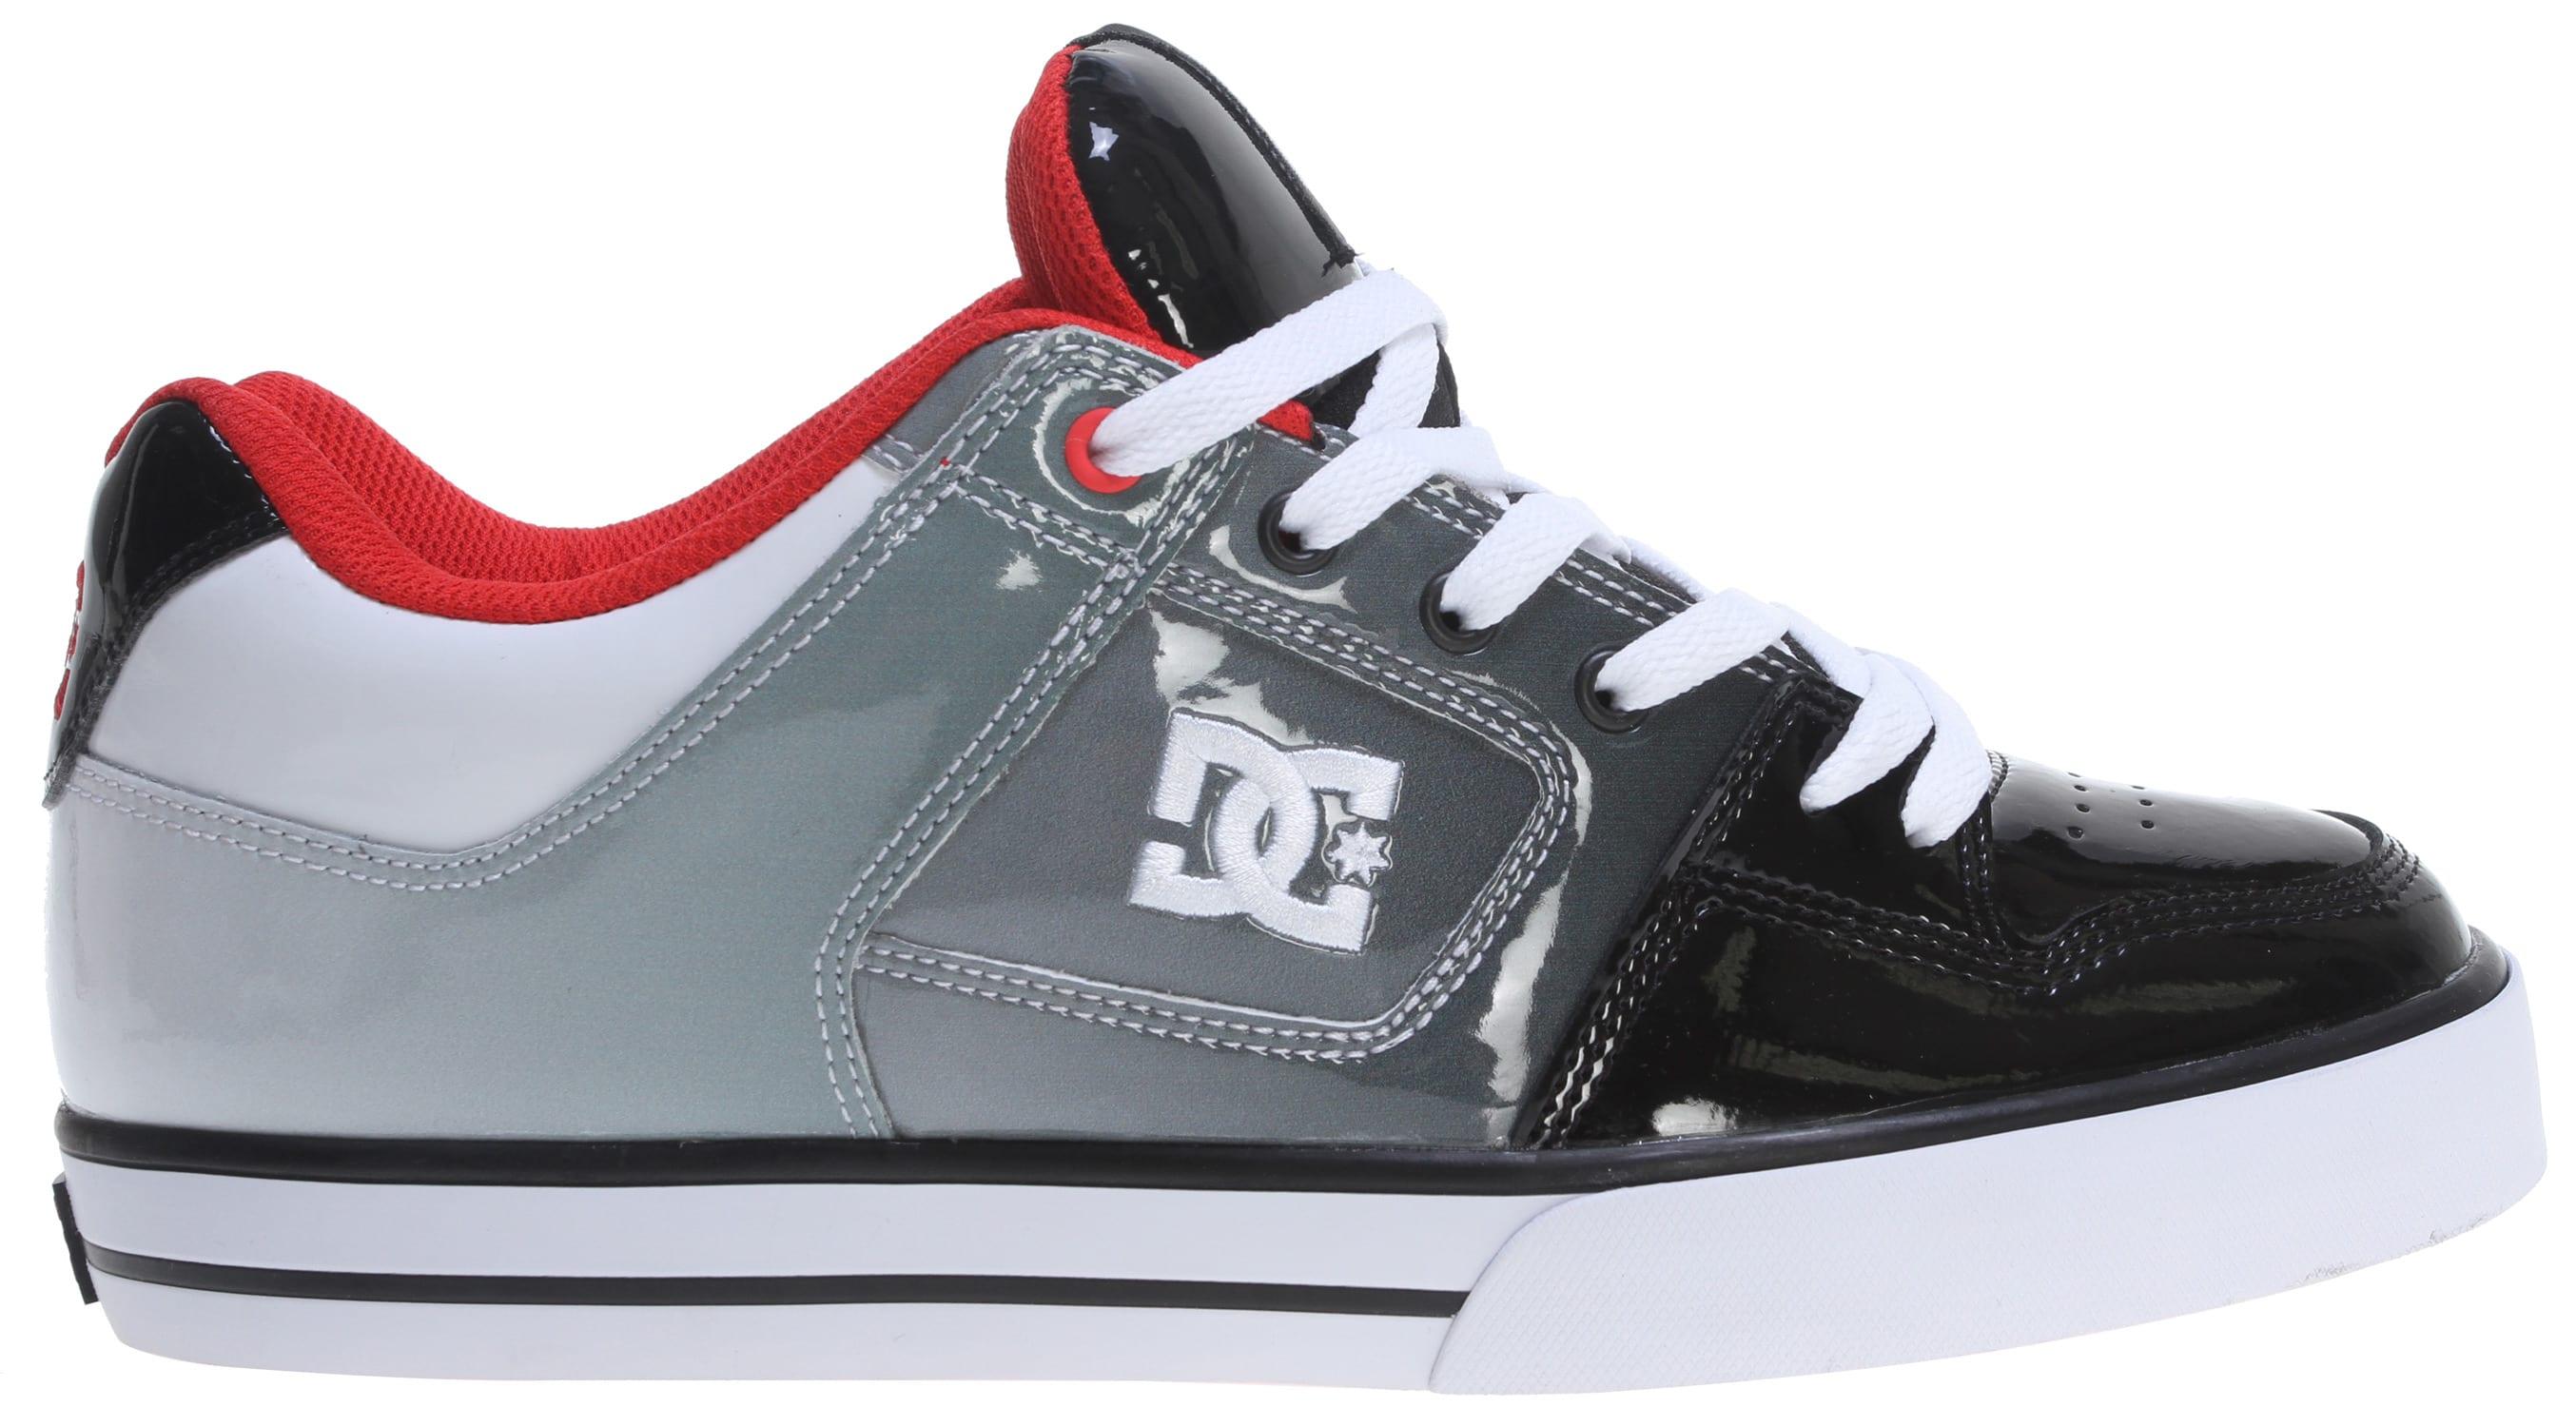 on sale dc pure se skate shoes up to 60 off. Black Bedroom Furniture Sets. Home Design Ideas